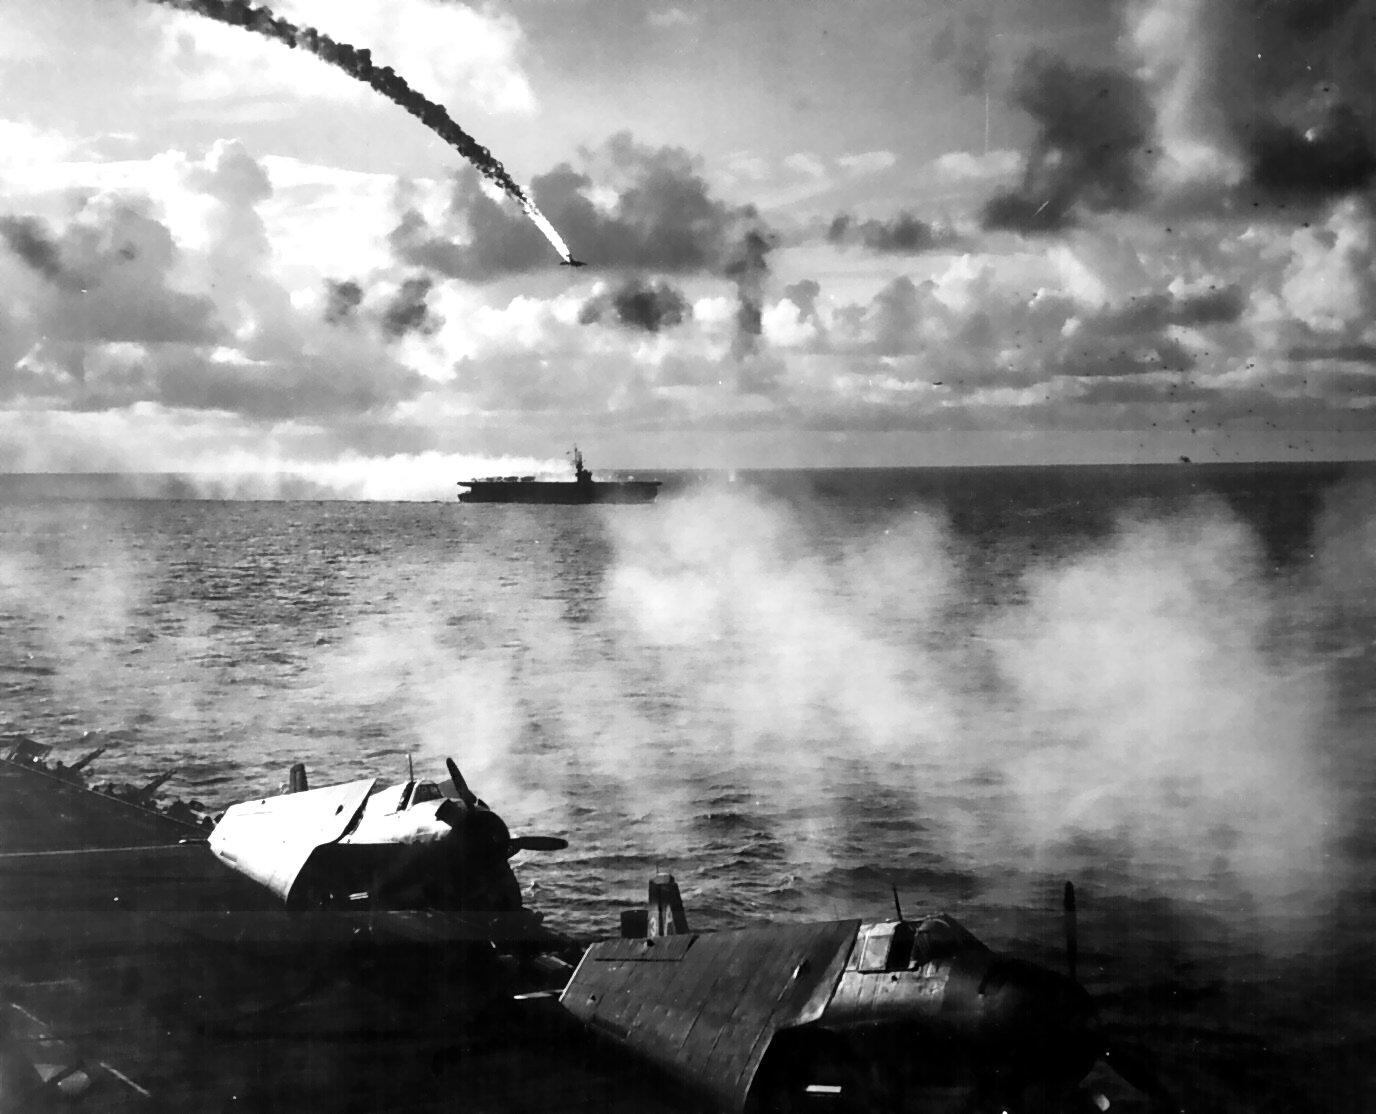 マリアナ沖海戦で対空砲火によって撃墜された日本軍の機体